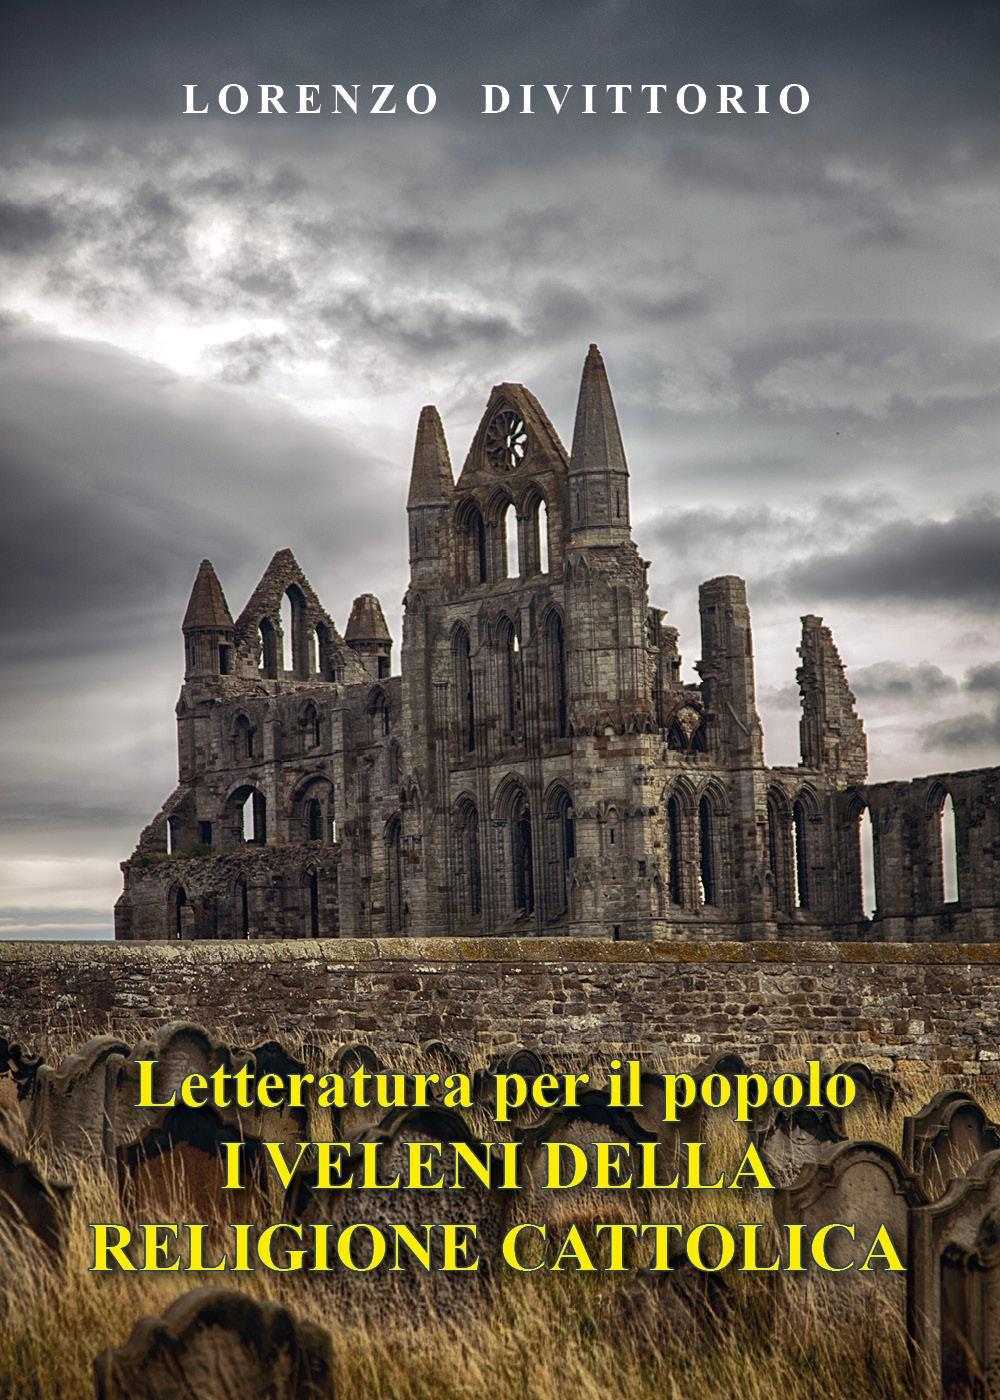 Letteratura per il popolo--I Veleni della religione cattolica (critica ai sacramenti)